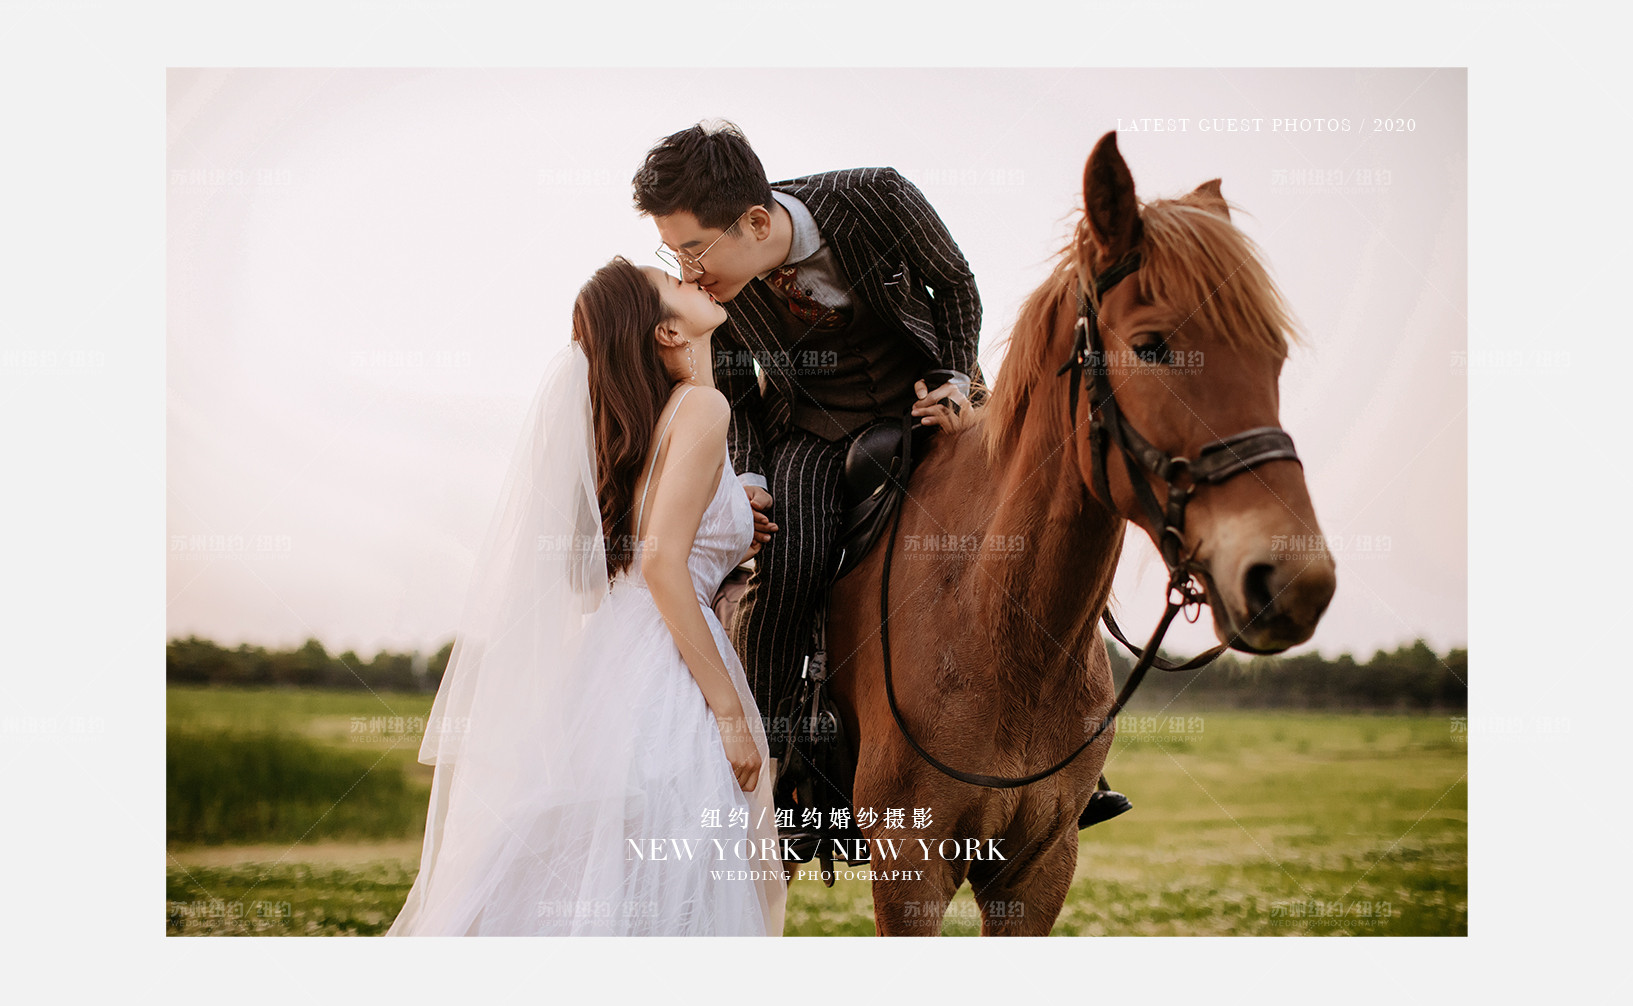 Mr.祁 & Ms.王(纽约纽约最新客照)婚纱摄影照